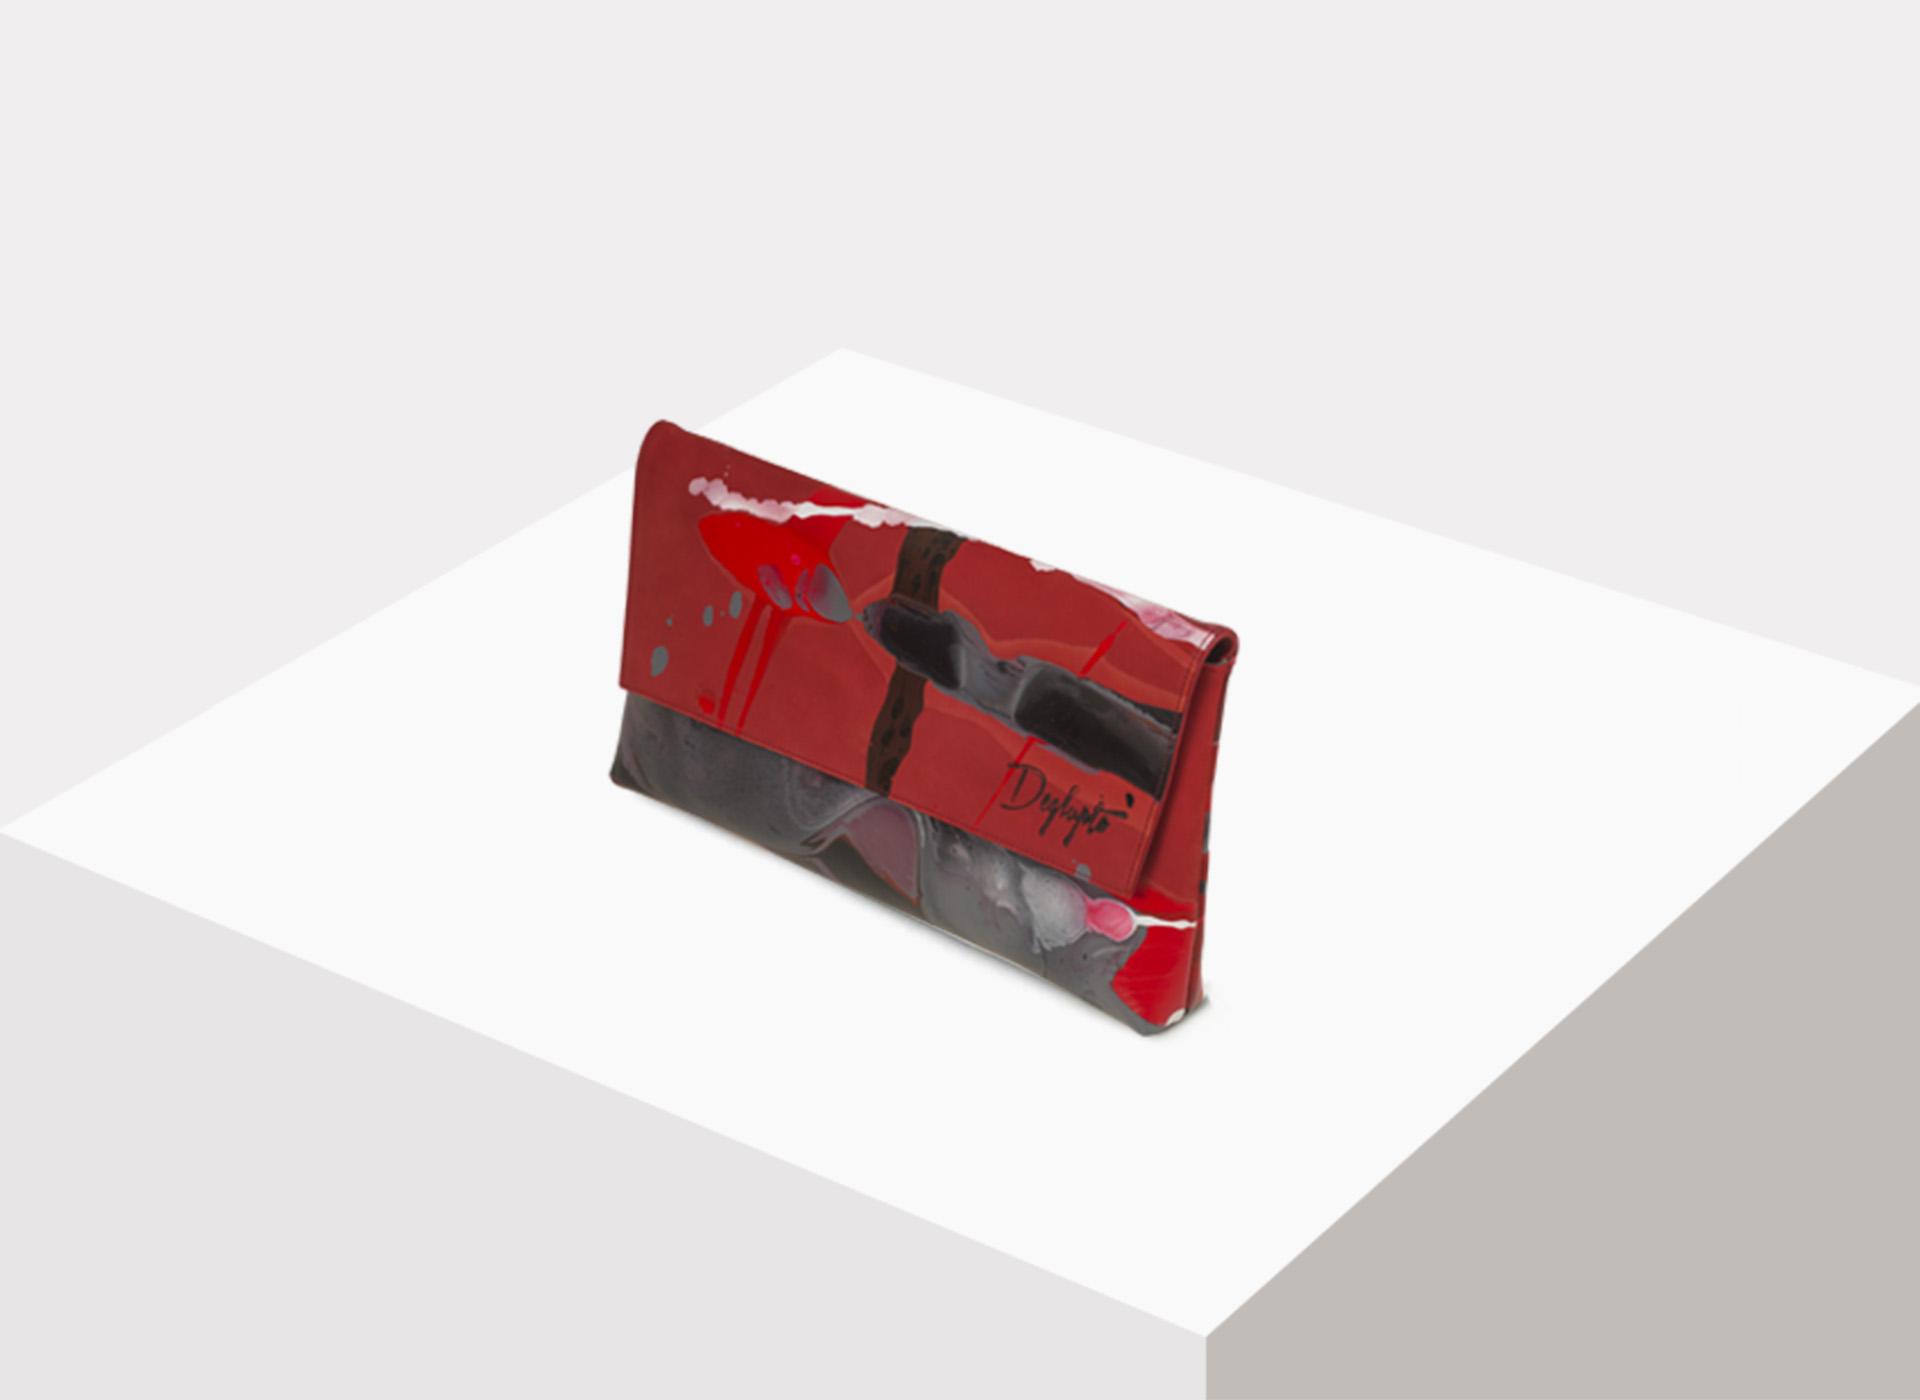 Bonsai 40150474-1 - Deglupta